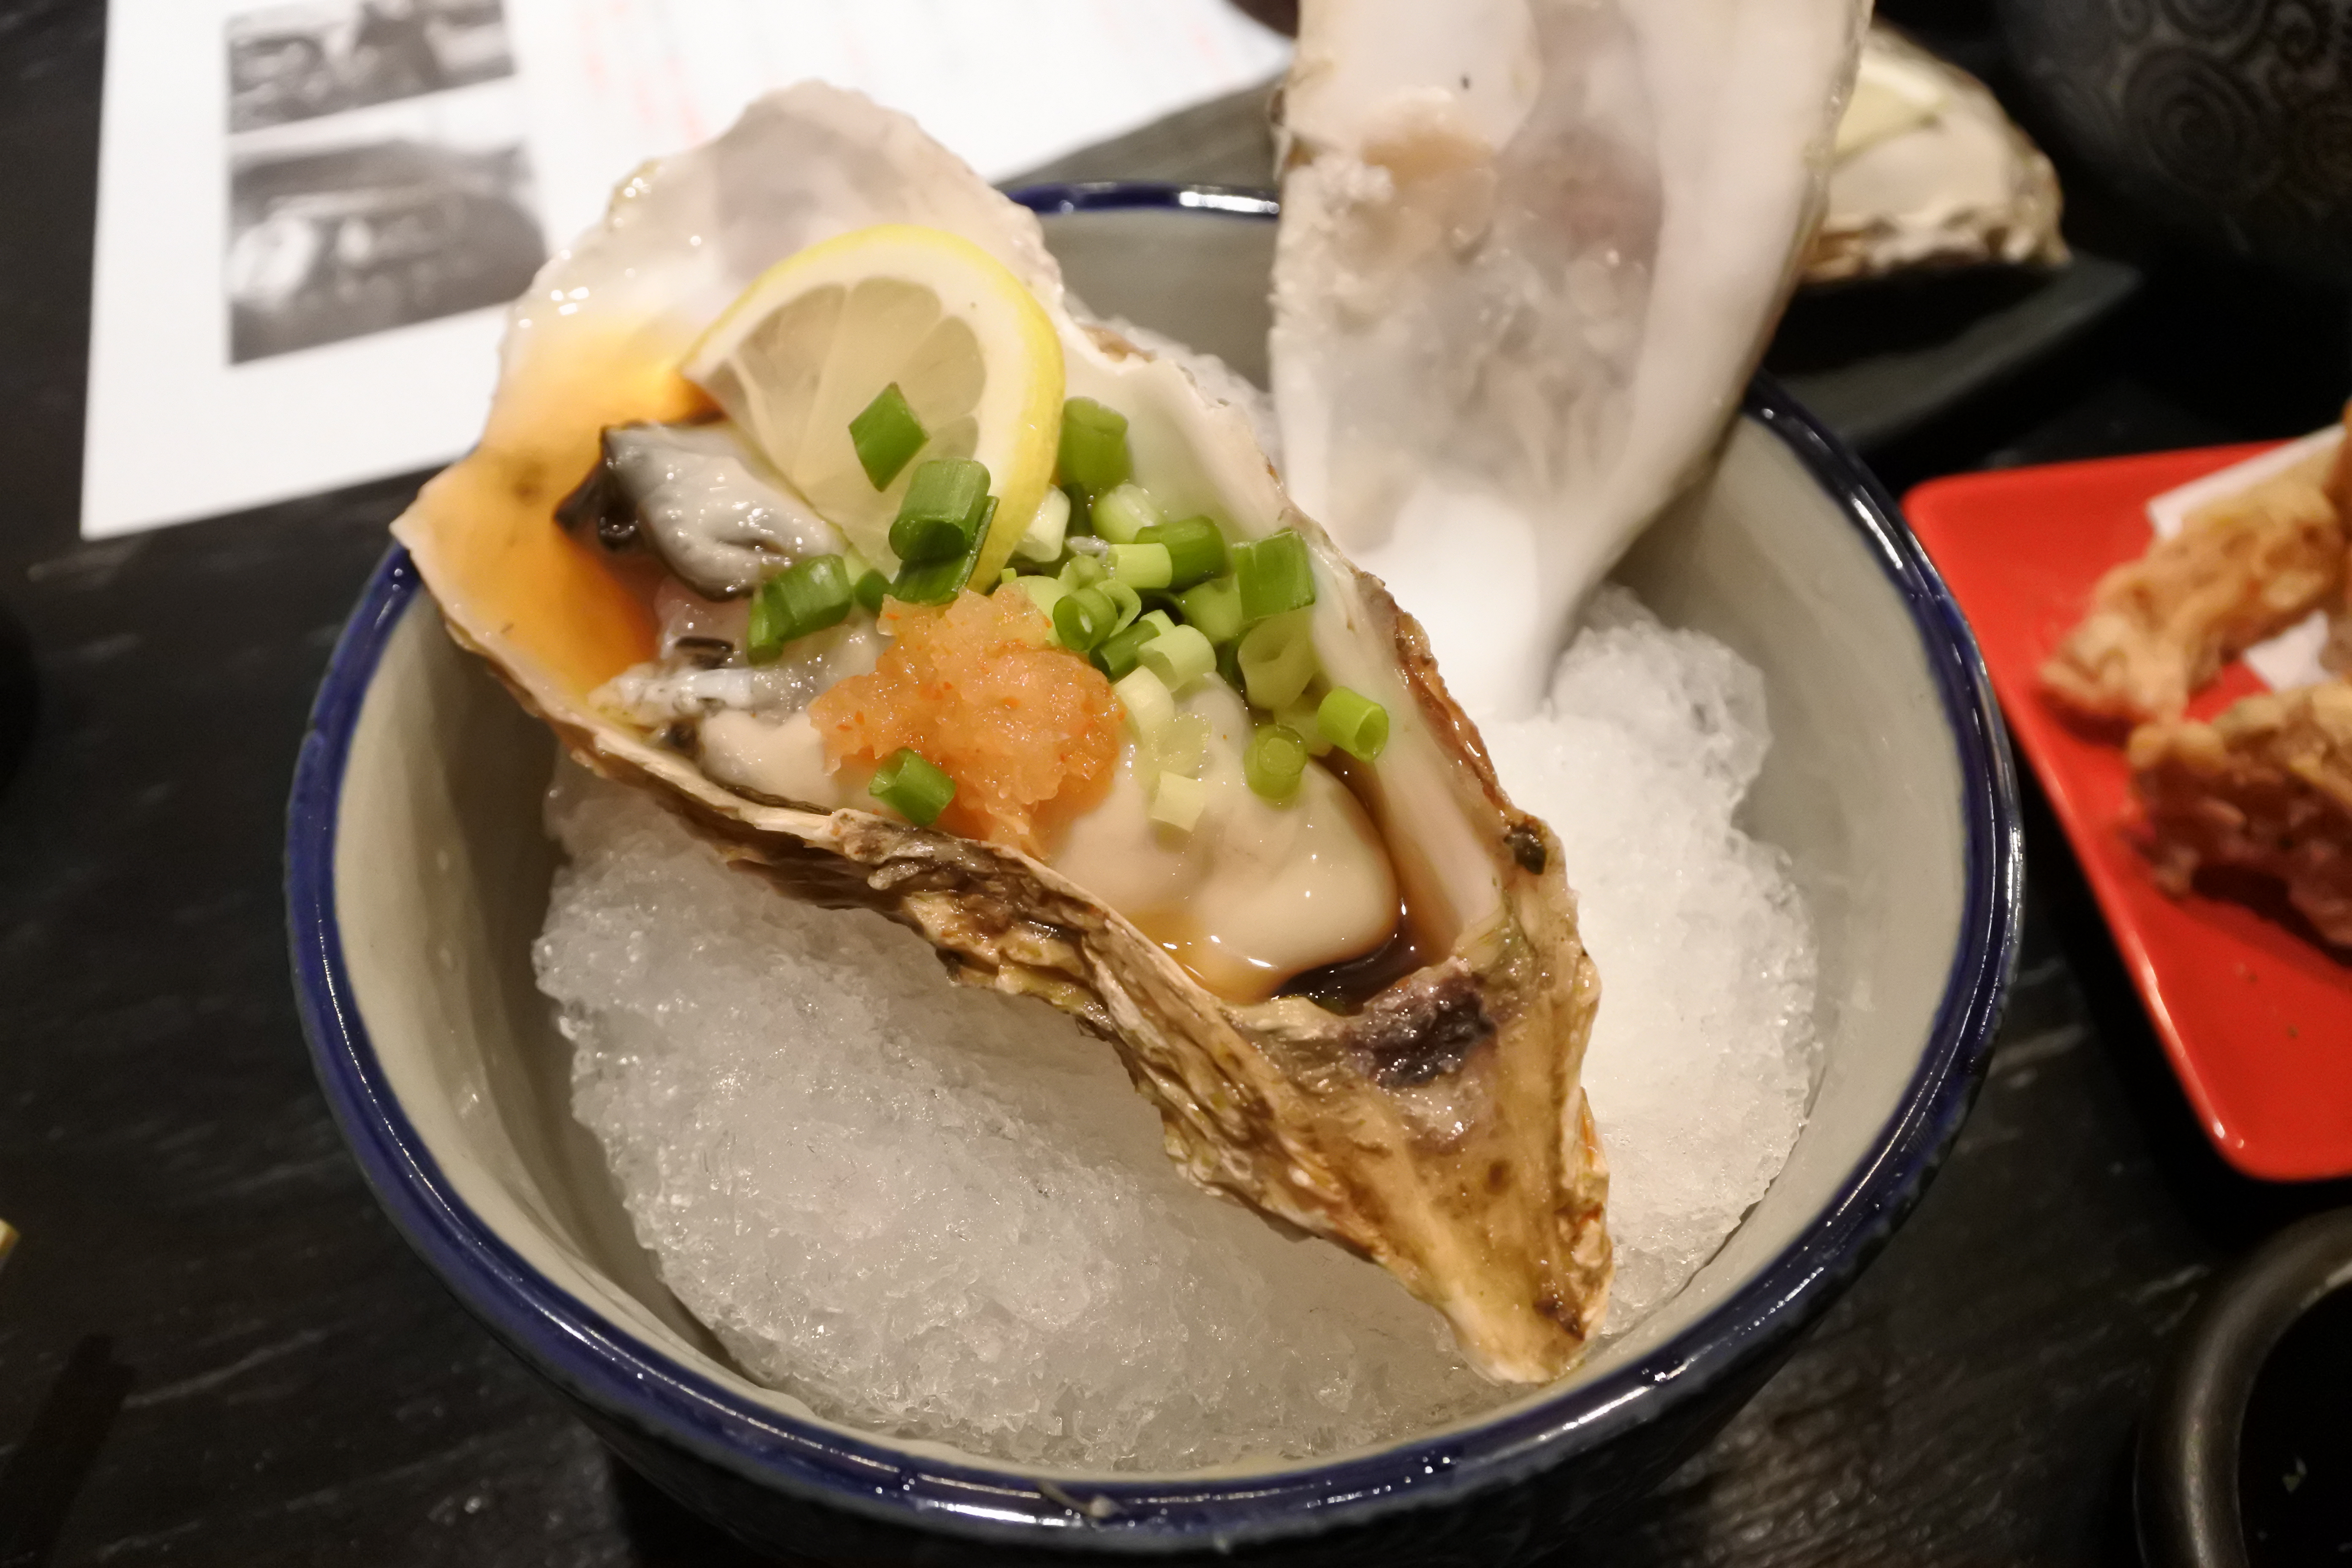 いくらこぼれ飯で大盛況!名古屋にいながら北海道を堪能できる「道南農林水産部」 - DSC 0044